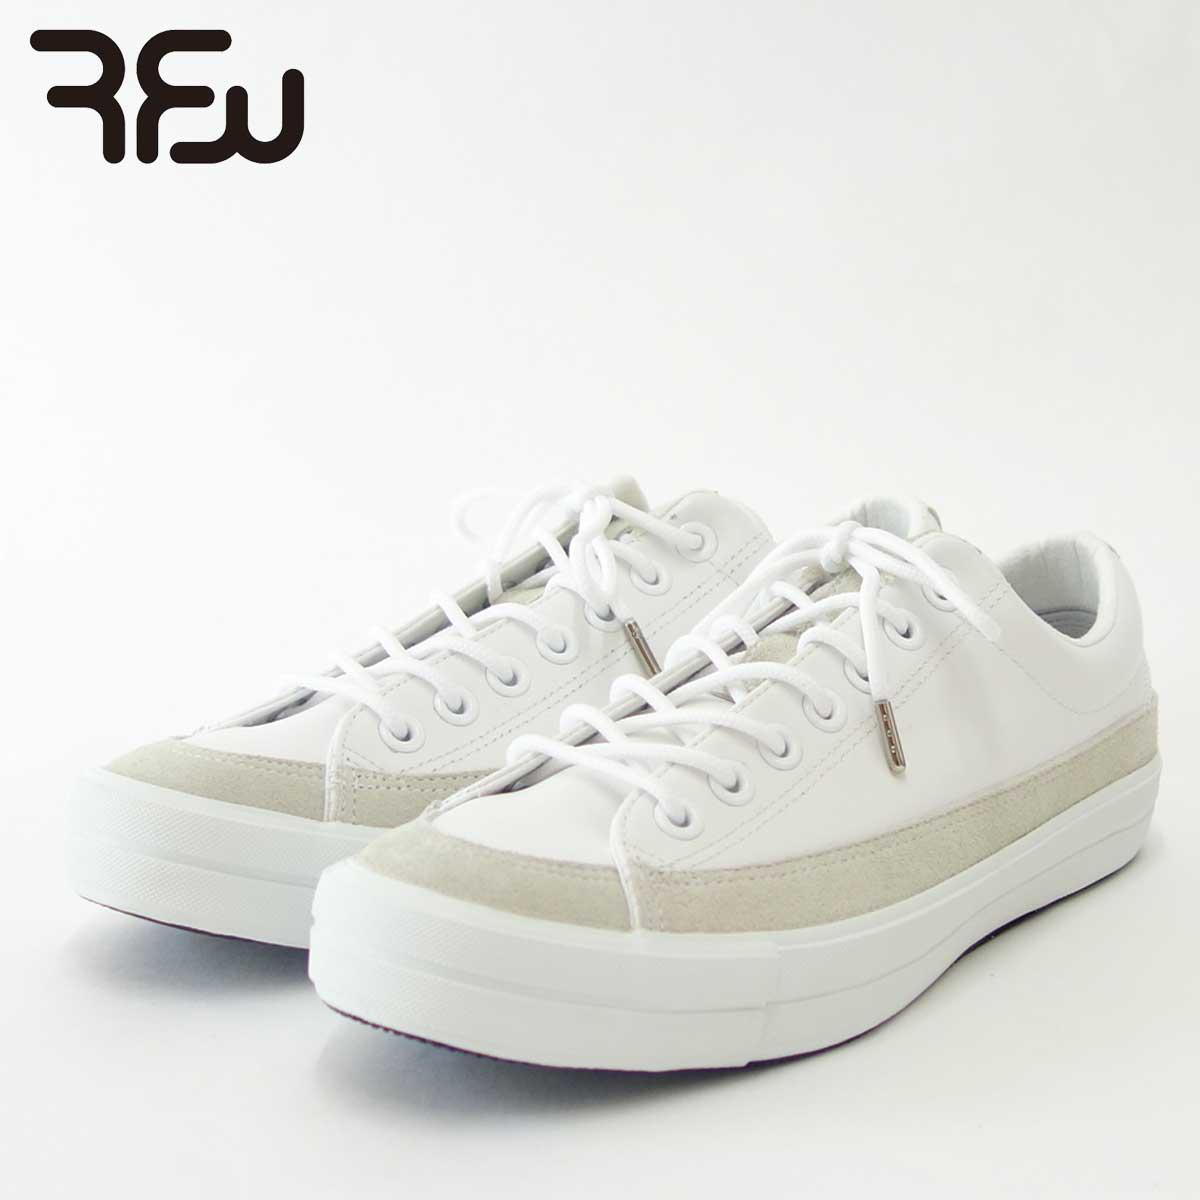 RFW アールエフダブリュー BAGEL-LO LEATHER(ユニセックス)1812252 カラー:ホワイト 天然皮革のローカットスニーカー 「靴」